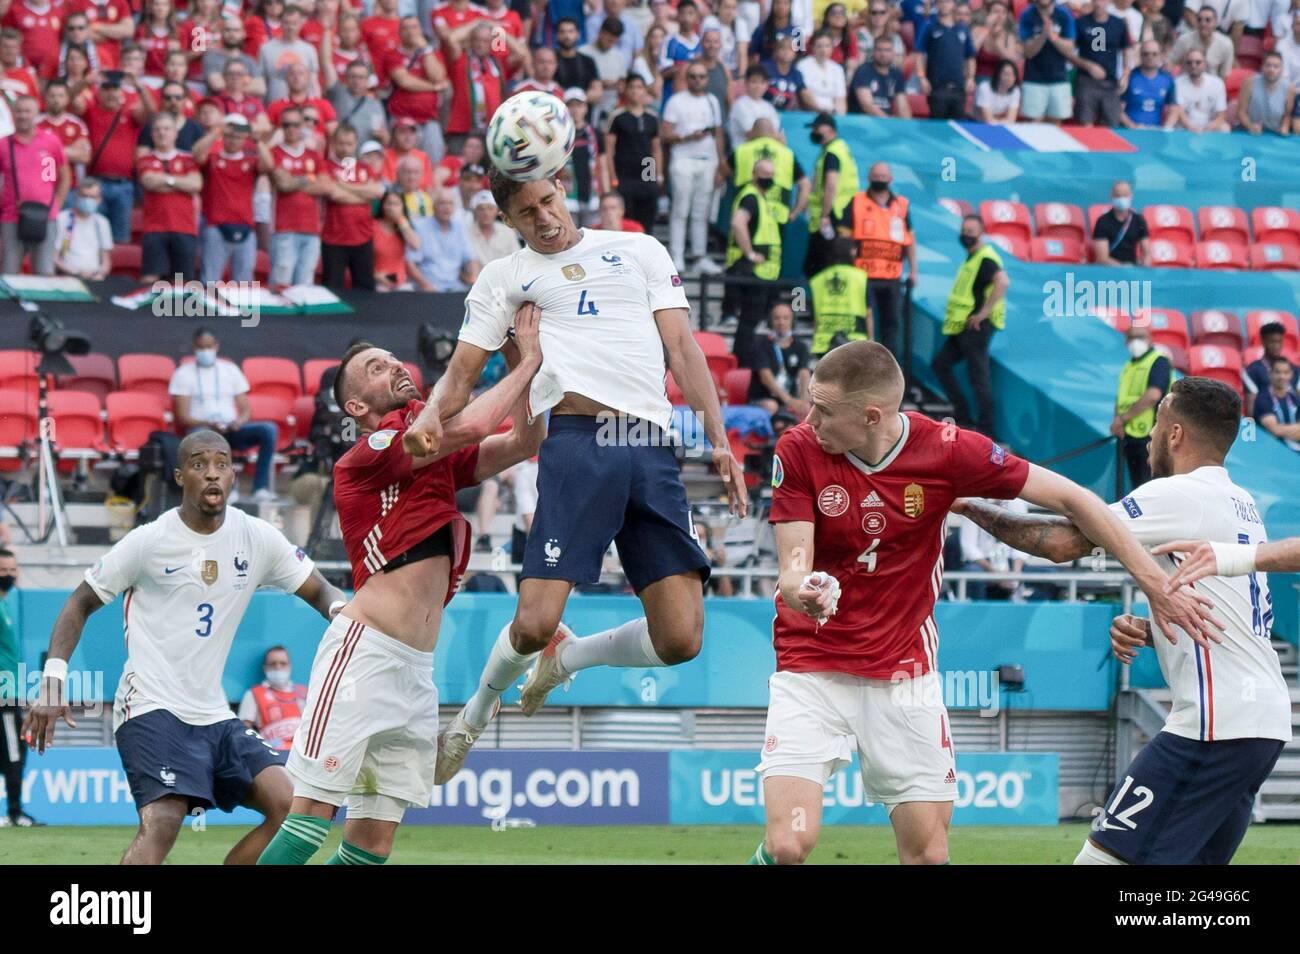 Budapest. 19 juin 2021. Raphael Varane (C), de France, va en tête lors du match du Groupe F entre la Hongrie et la France à l'Euro 2020 de l'UEFA à Budapest, Hongrie, le 19 juin 2021. Credit: Attila Volgyi/Xinhua/Alay Live News Banque D'Images